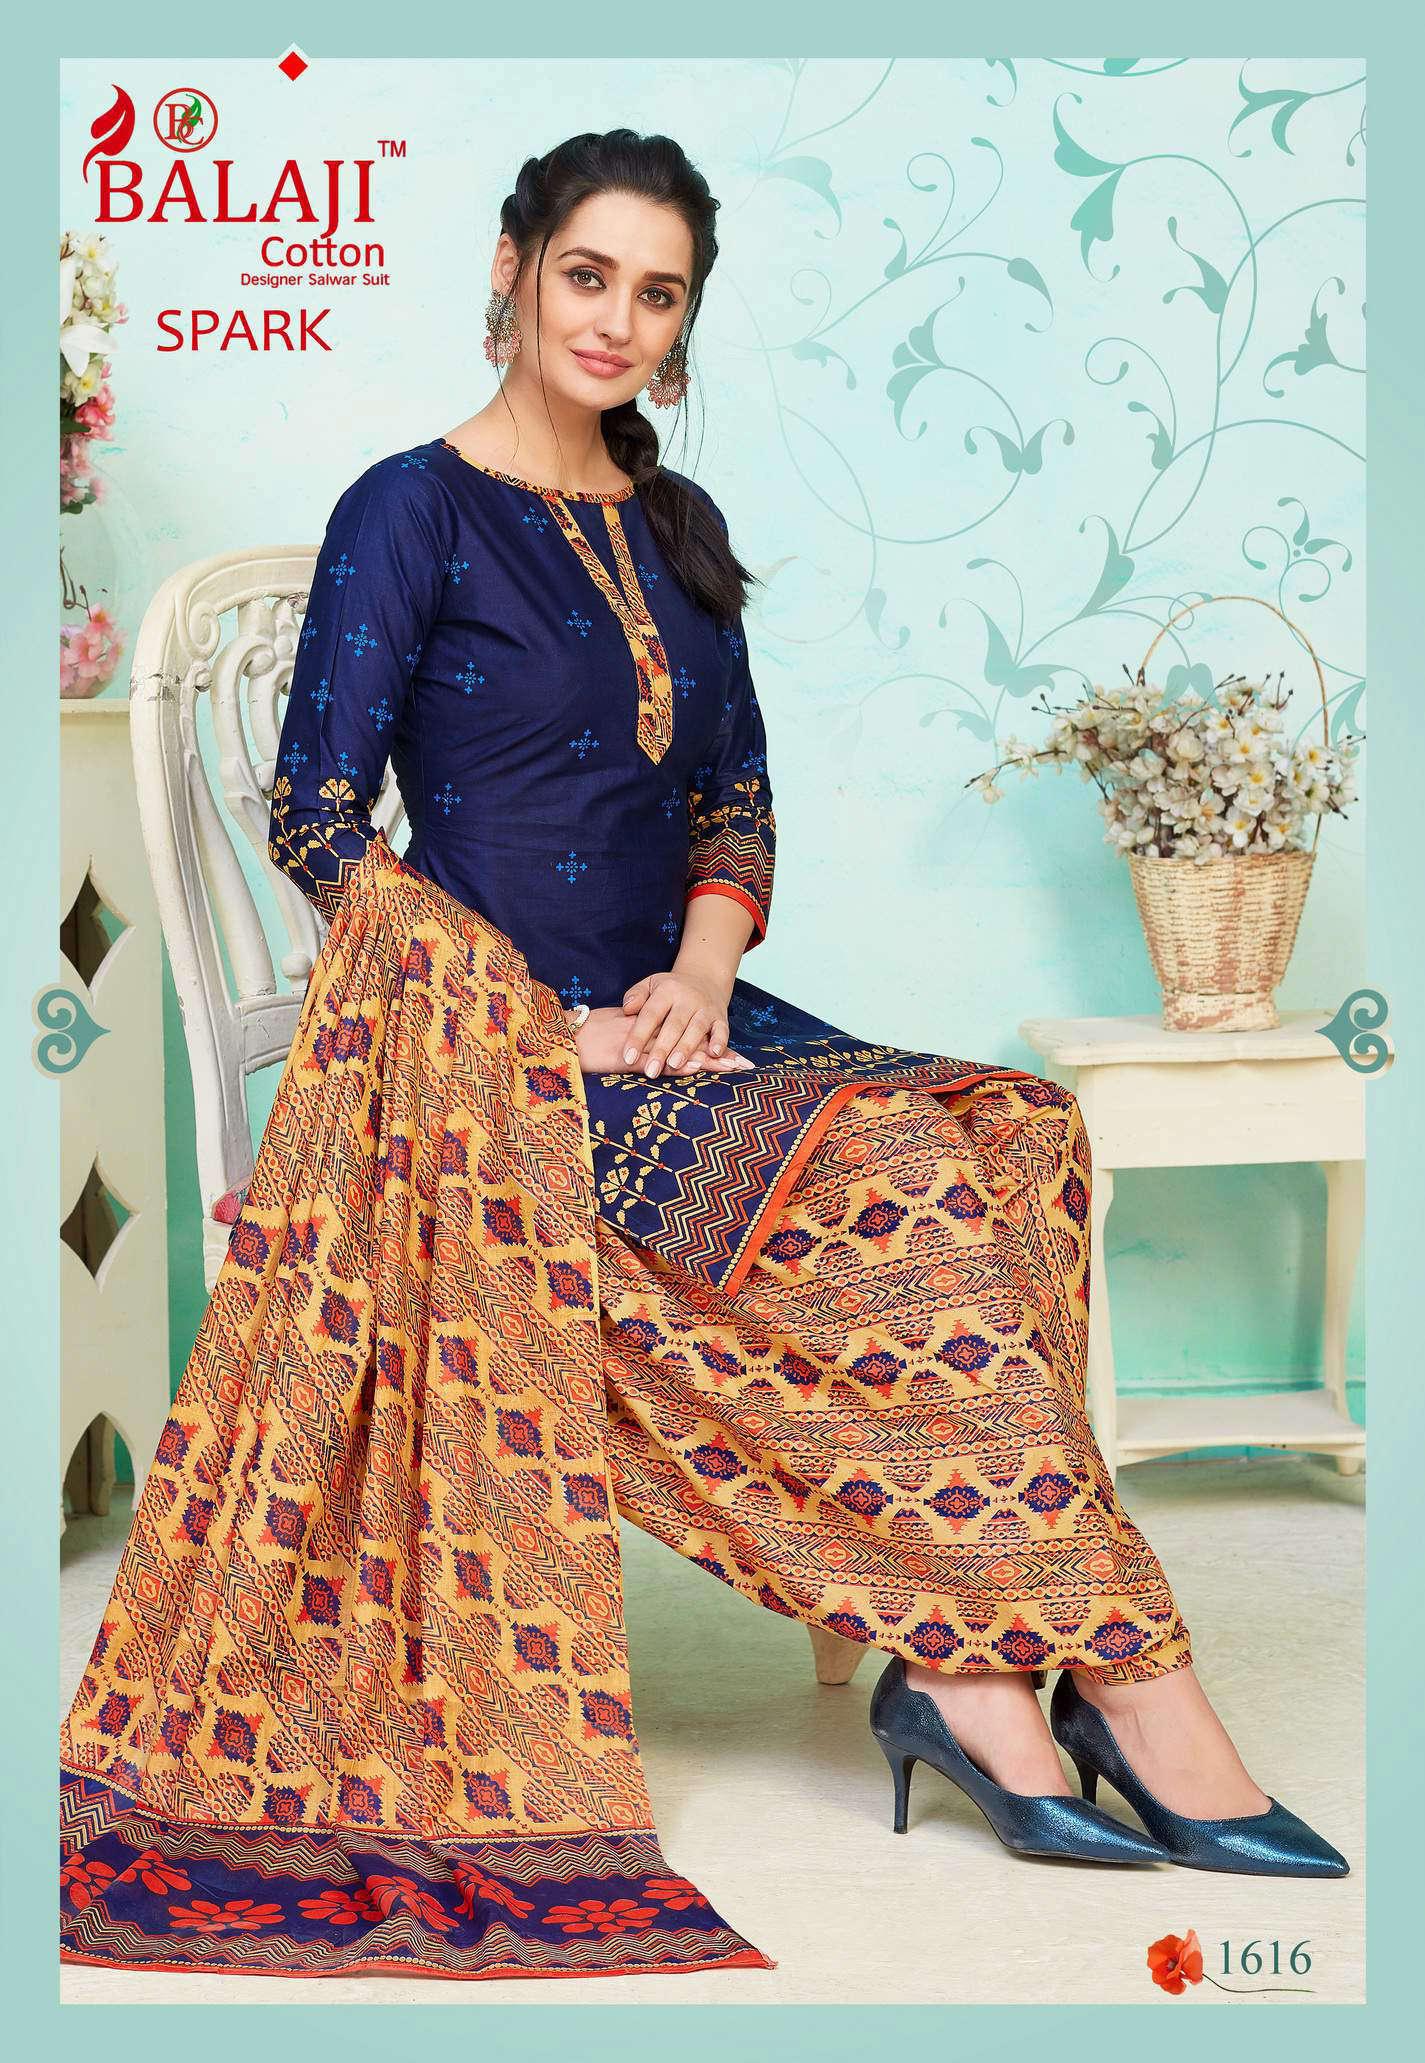 Balaji Cotton Spark Vol 16 Salwar Suit Wholesale Catalog 16 Pcs 16 - Balaji Cotton Spark Vol 16 Salwar Suit Wholesale Catalog 16 Pcs